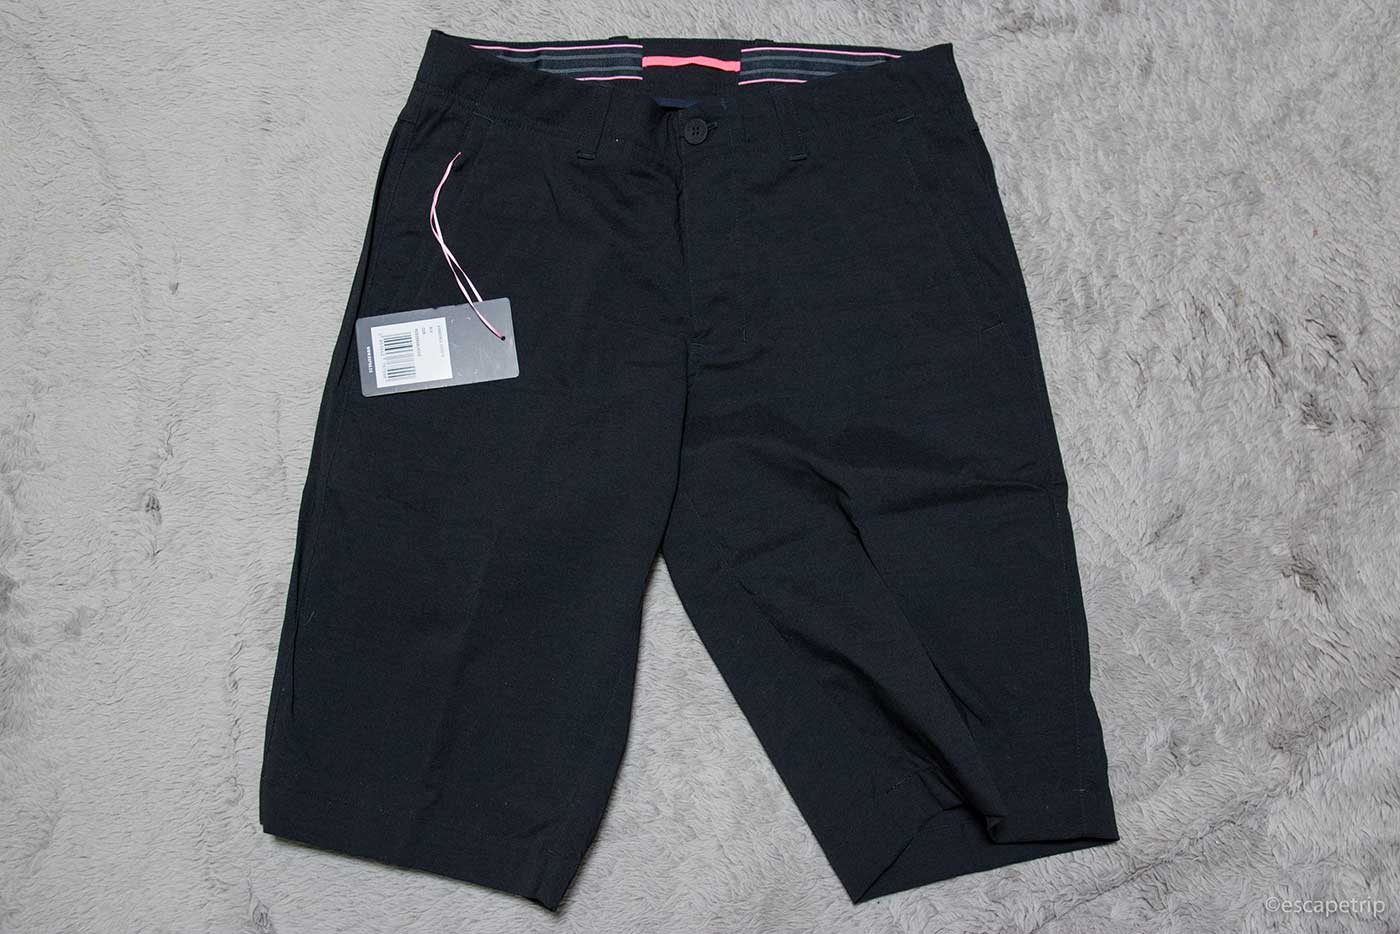 ラファの短パン「Randonnee Shorts」